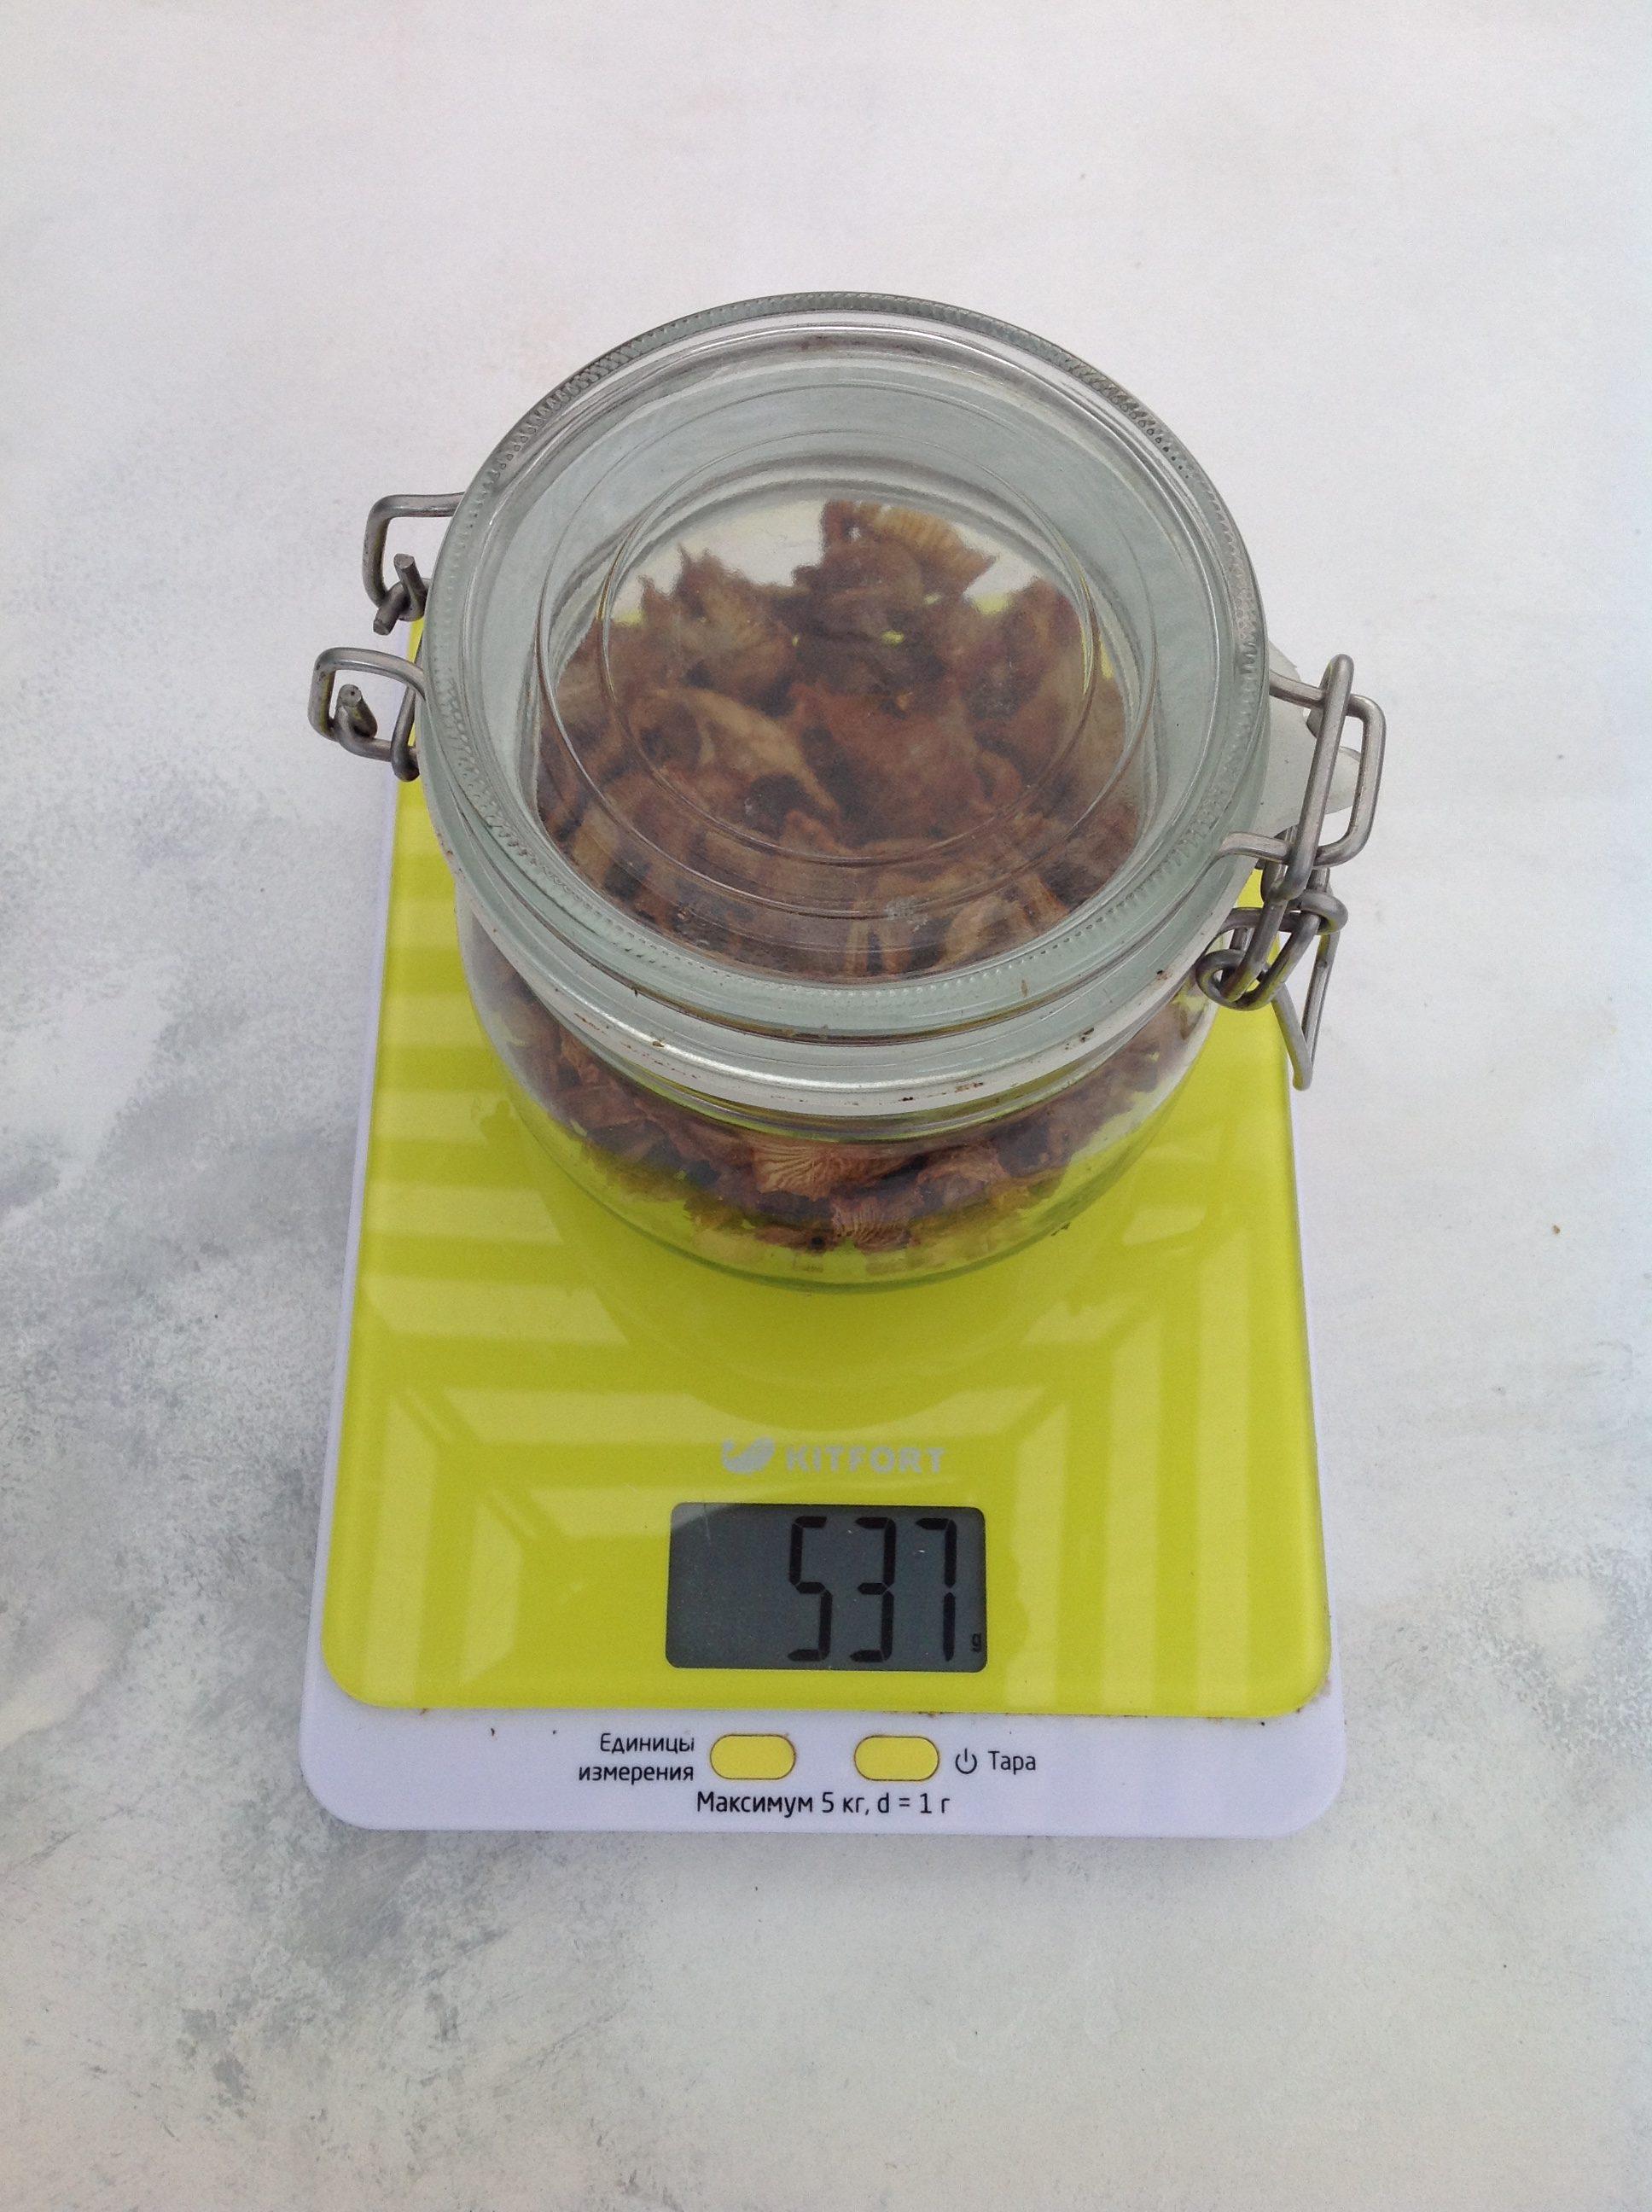 вес сушеных грибов в стеклянной банке